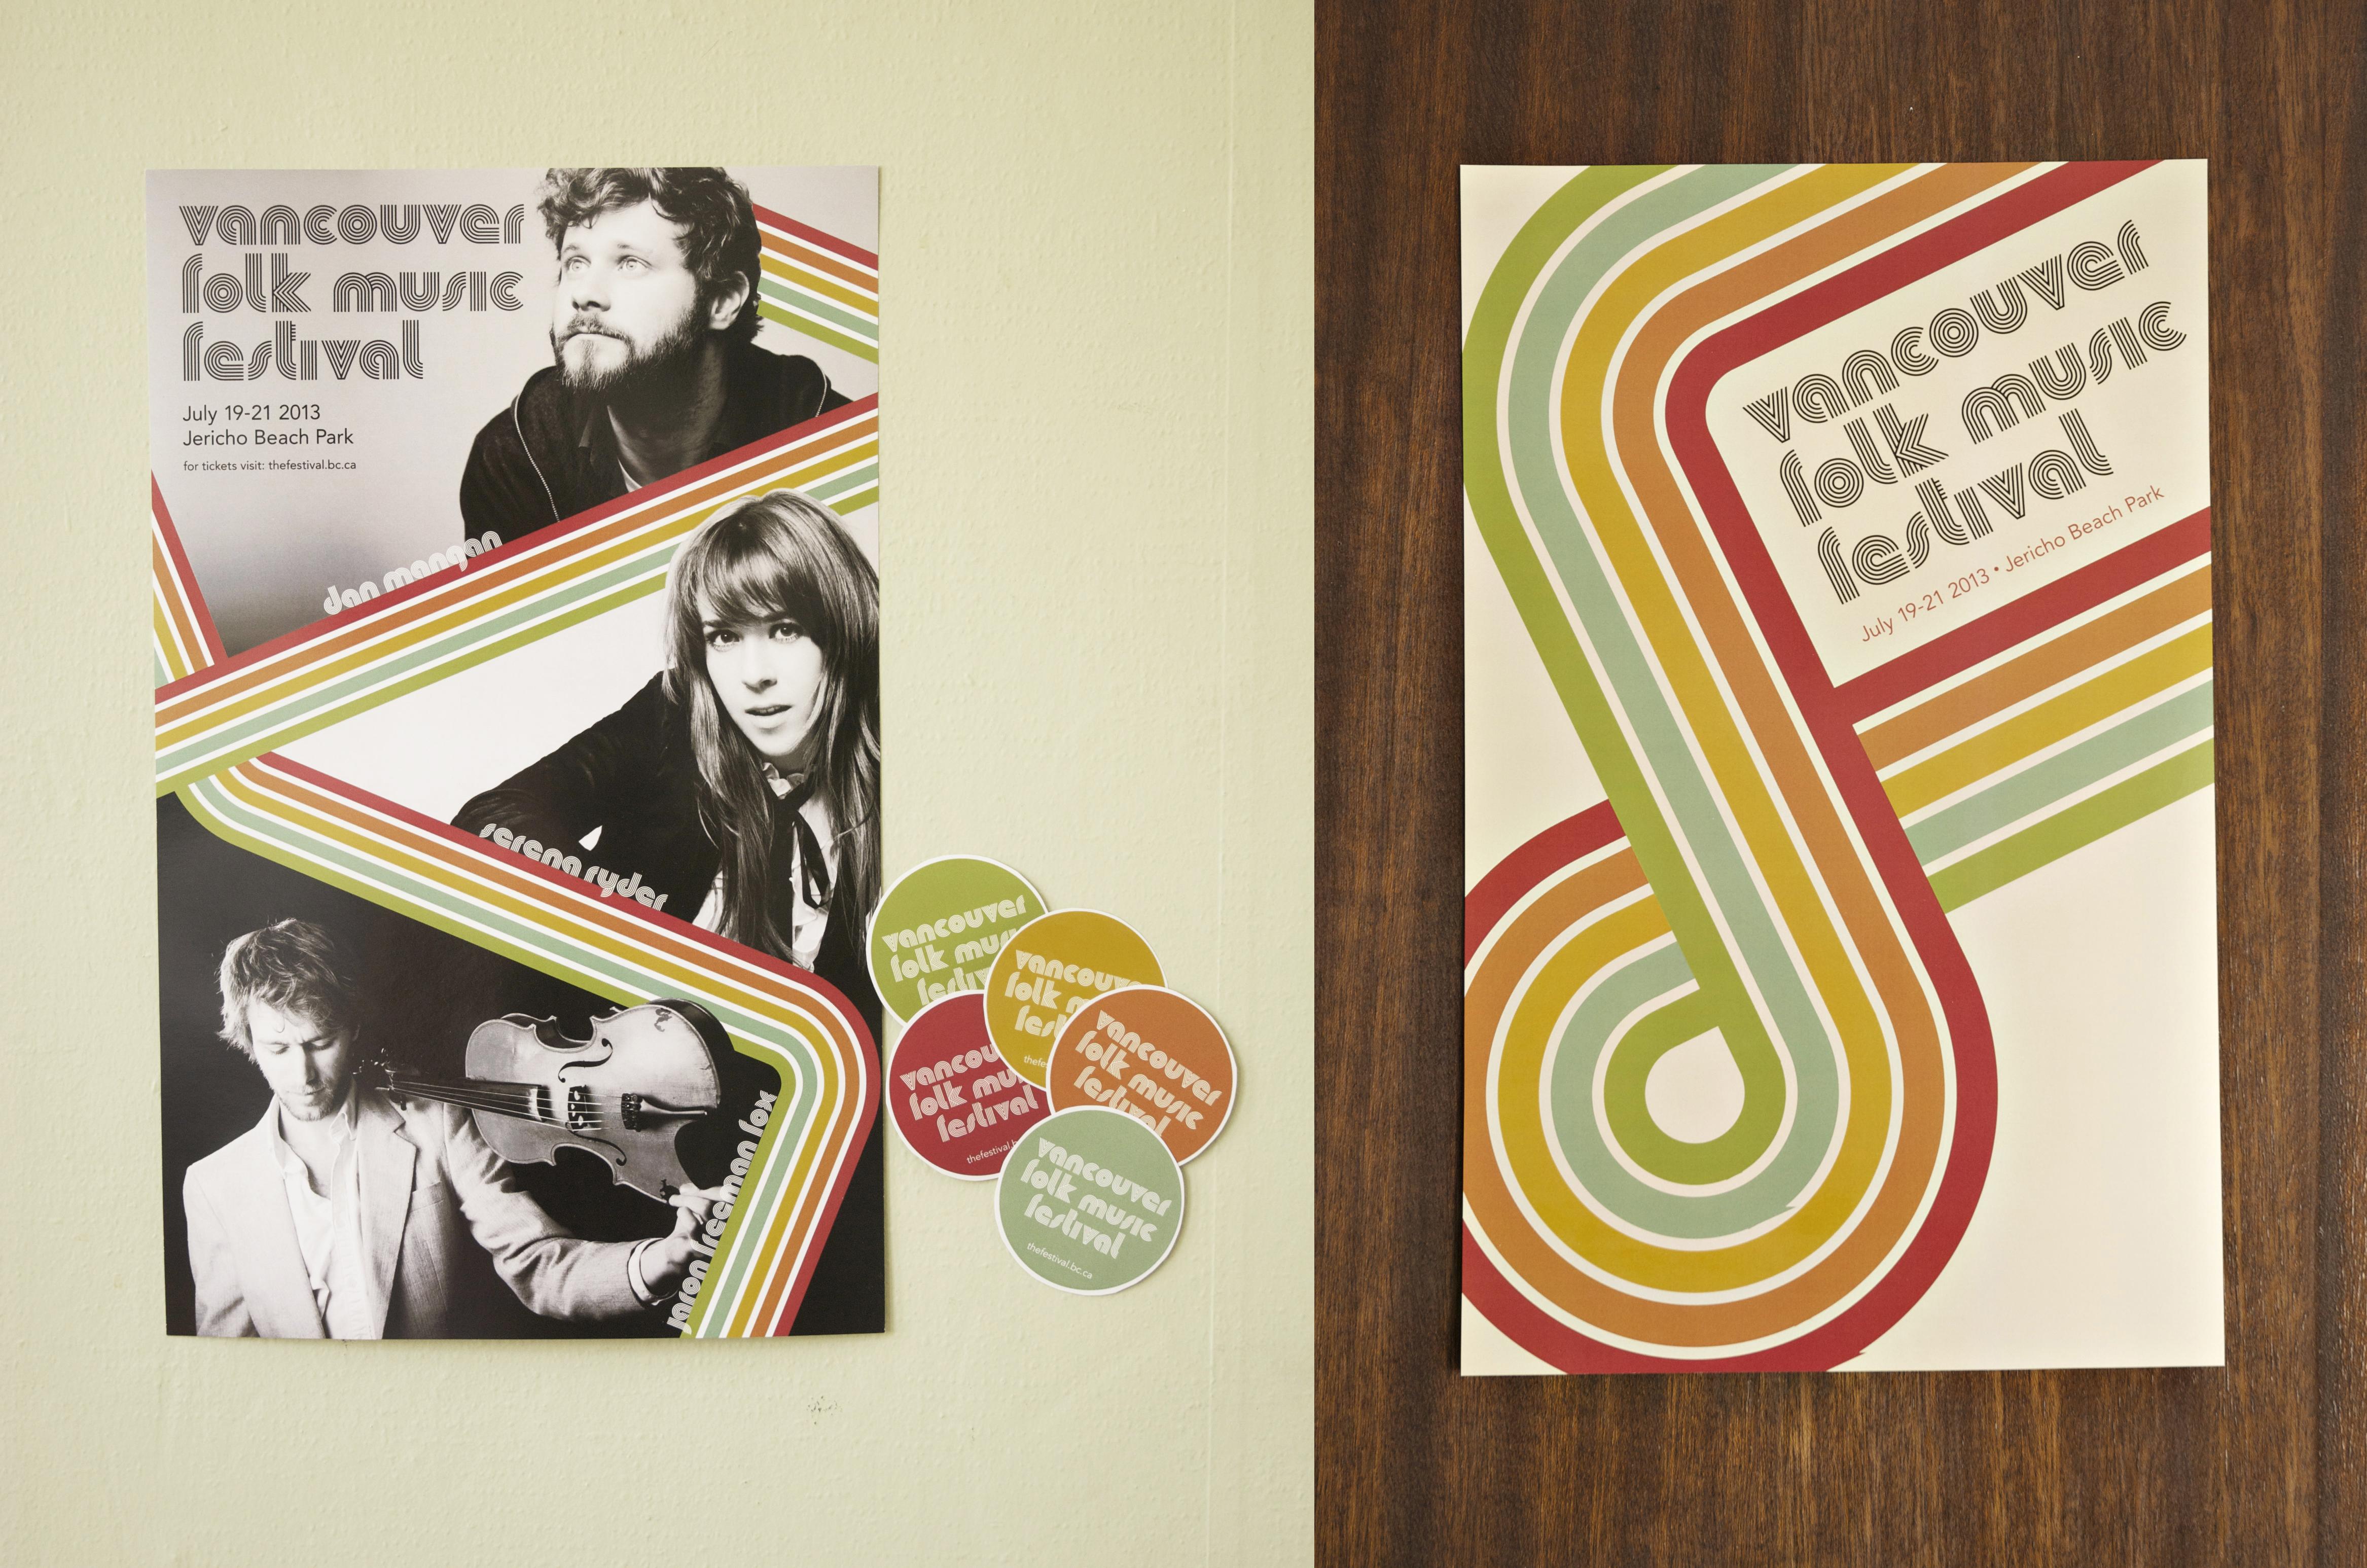 folk music festival posters vancouver folk music festival rebrand